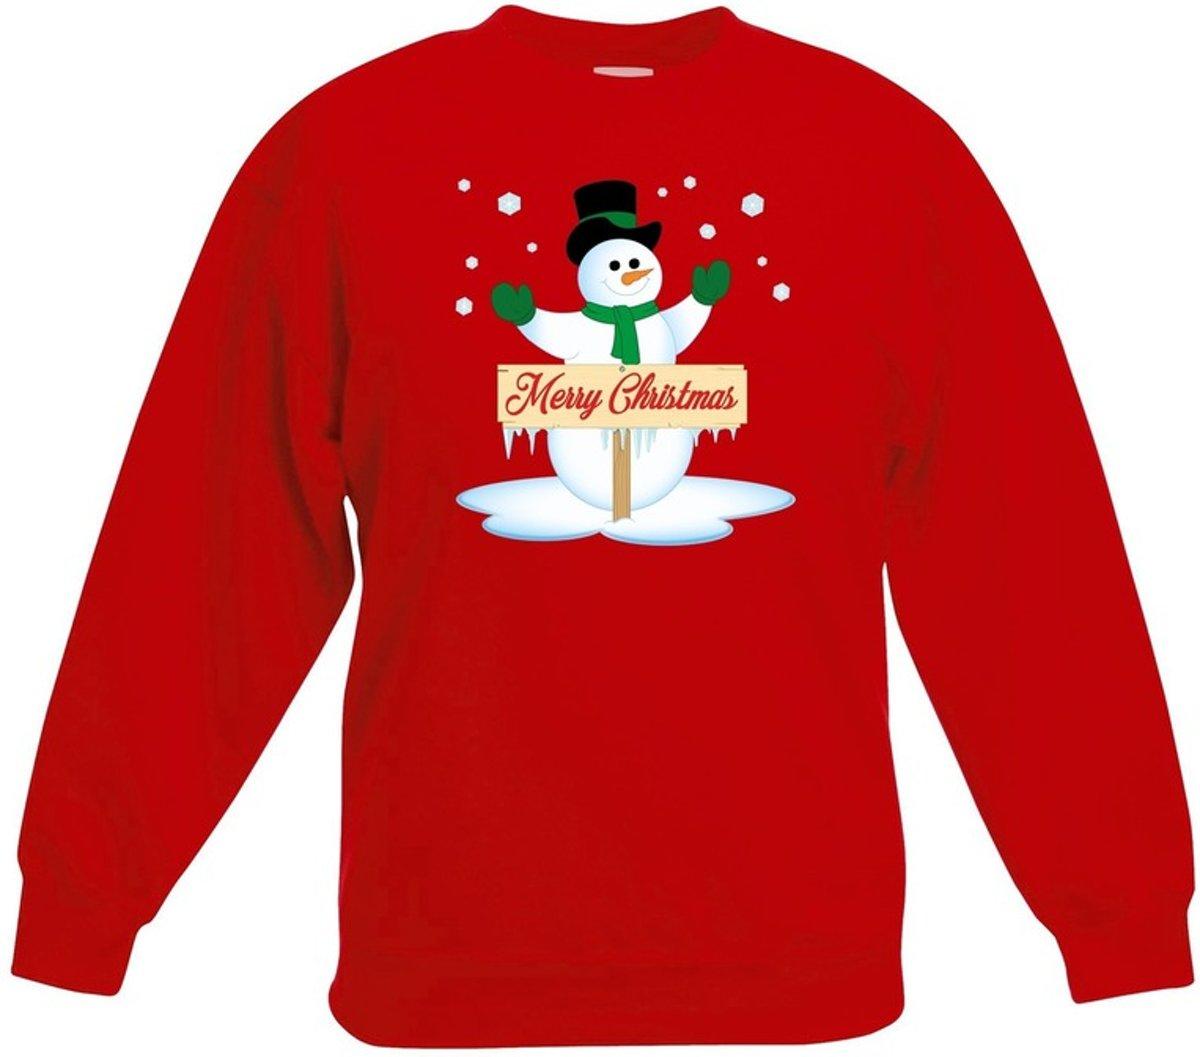 Rode kersttrui met sneeuwpop voor jongens en meisjes - Kerstruien kind 3-4 jaar (98/104) kopen